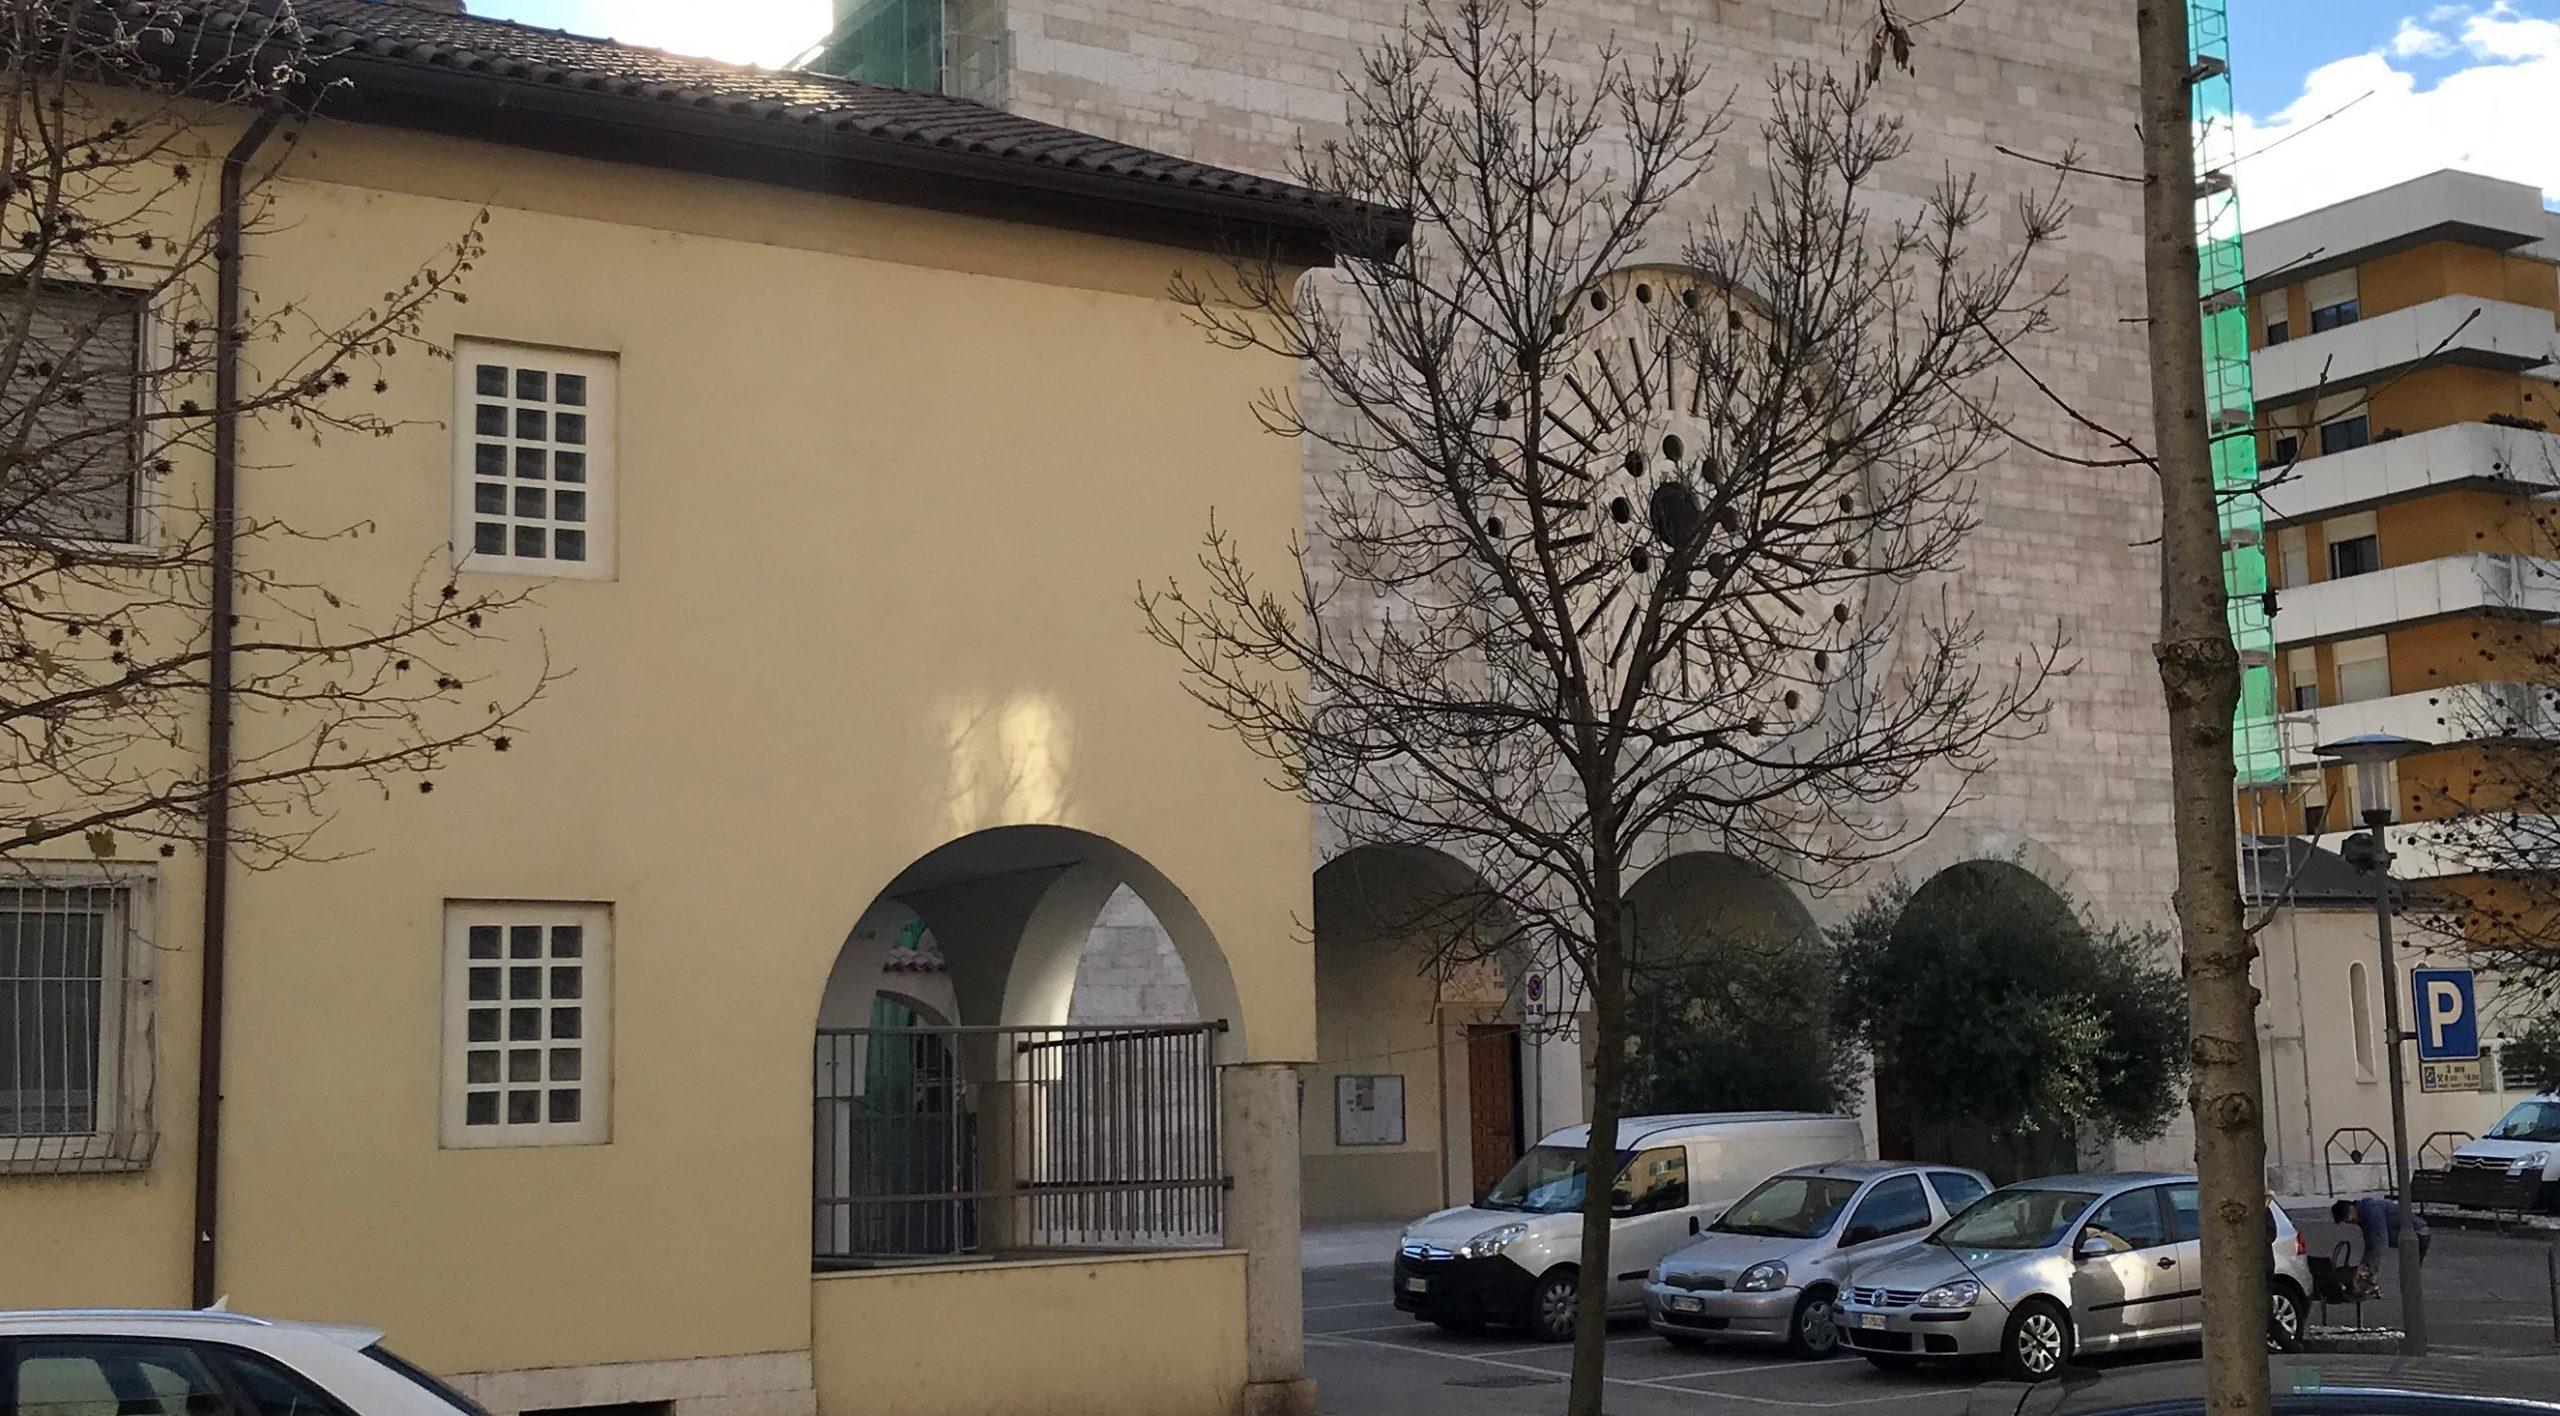 La chiesa di San Giuseppe a Trento